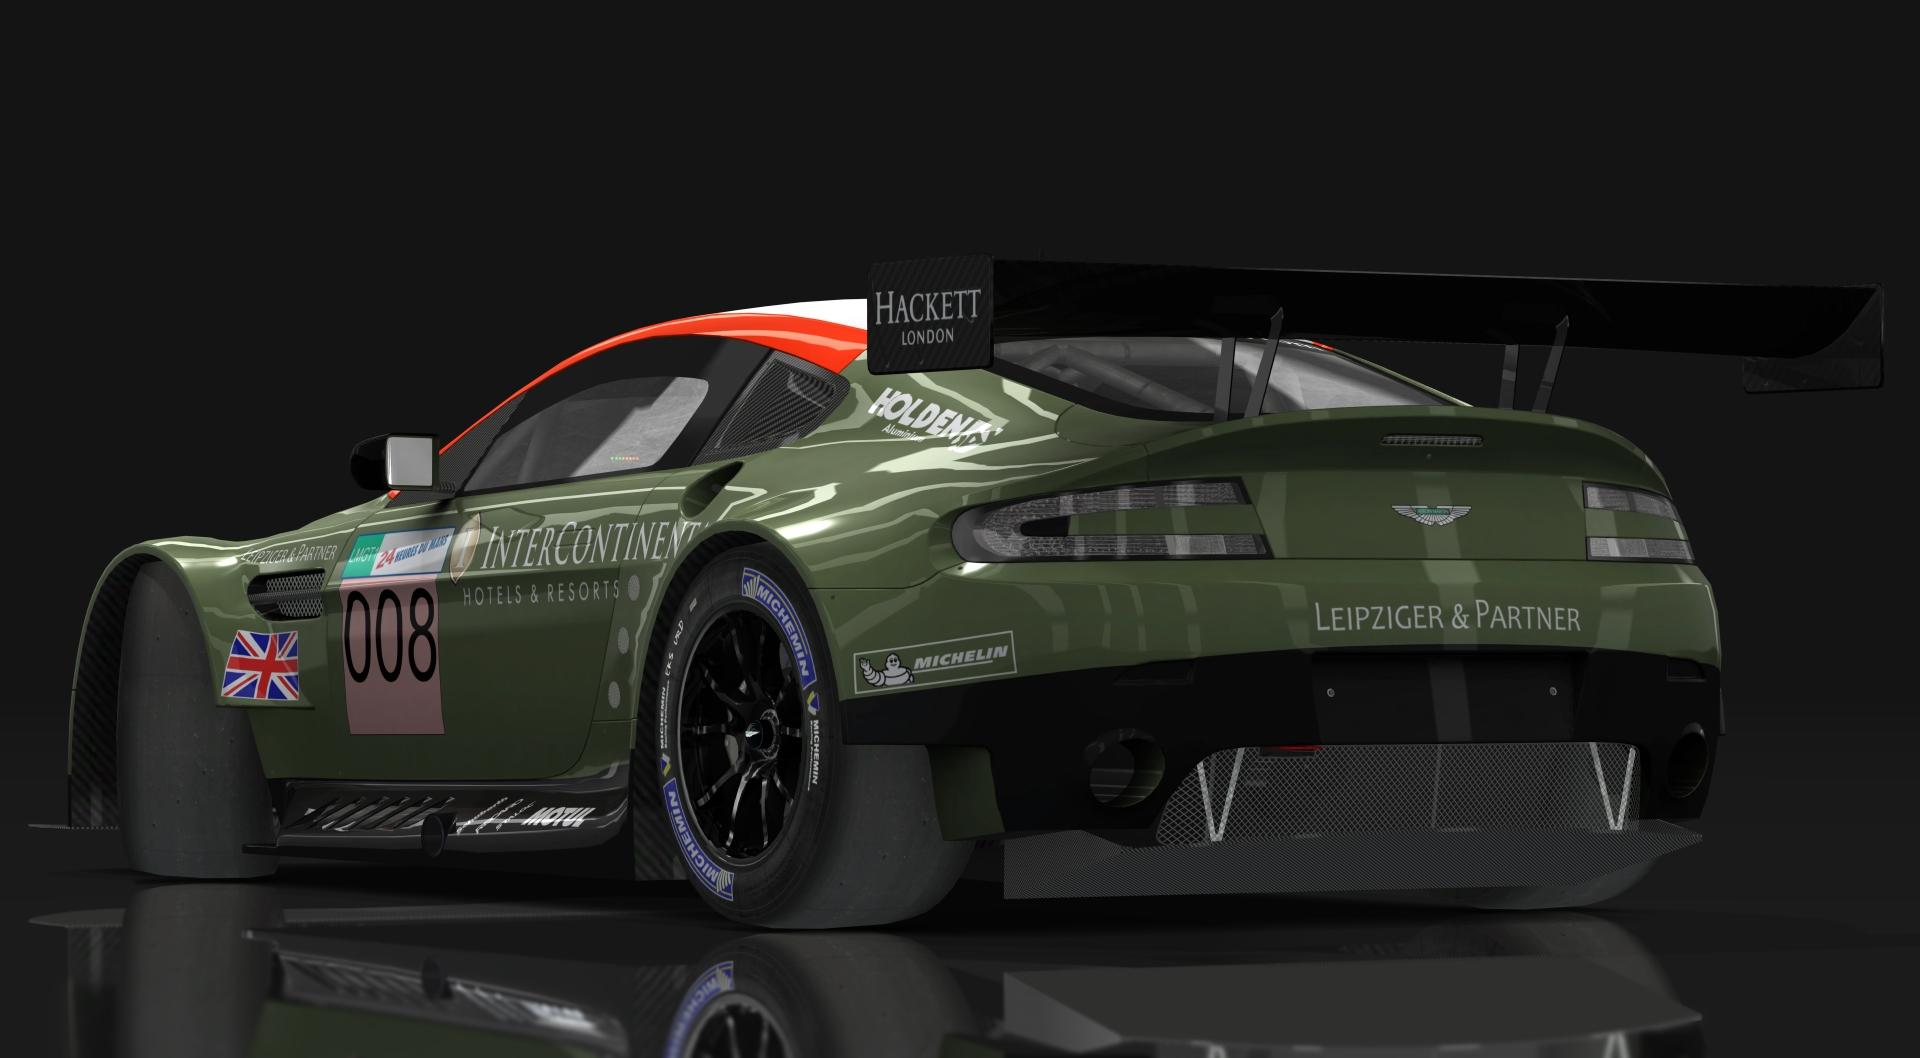 Aston_Martin_008_3.jpg